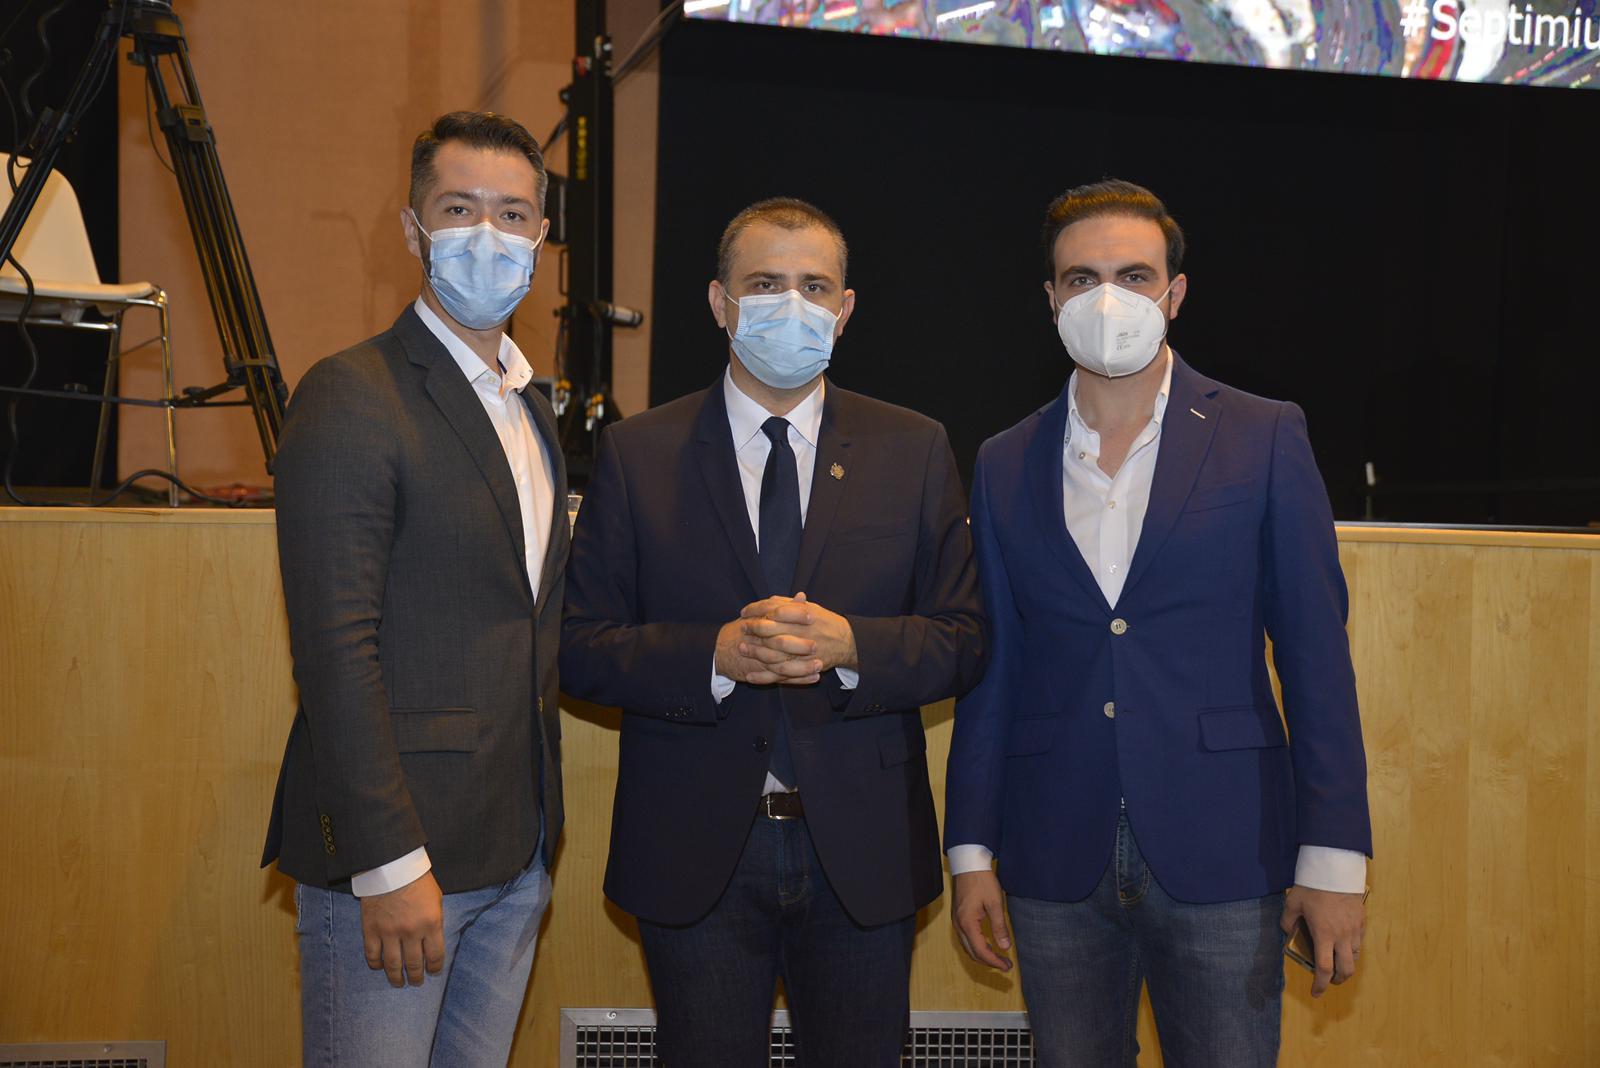 Septimiu Bourceanu, noul președinte al Organizației Municipale PNL Constanța (foto centru). În drepta, dr. Andrei Dimancea, în stânga, Toni Bobe, membri în BPL